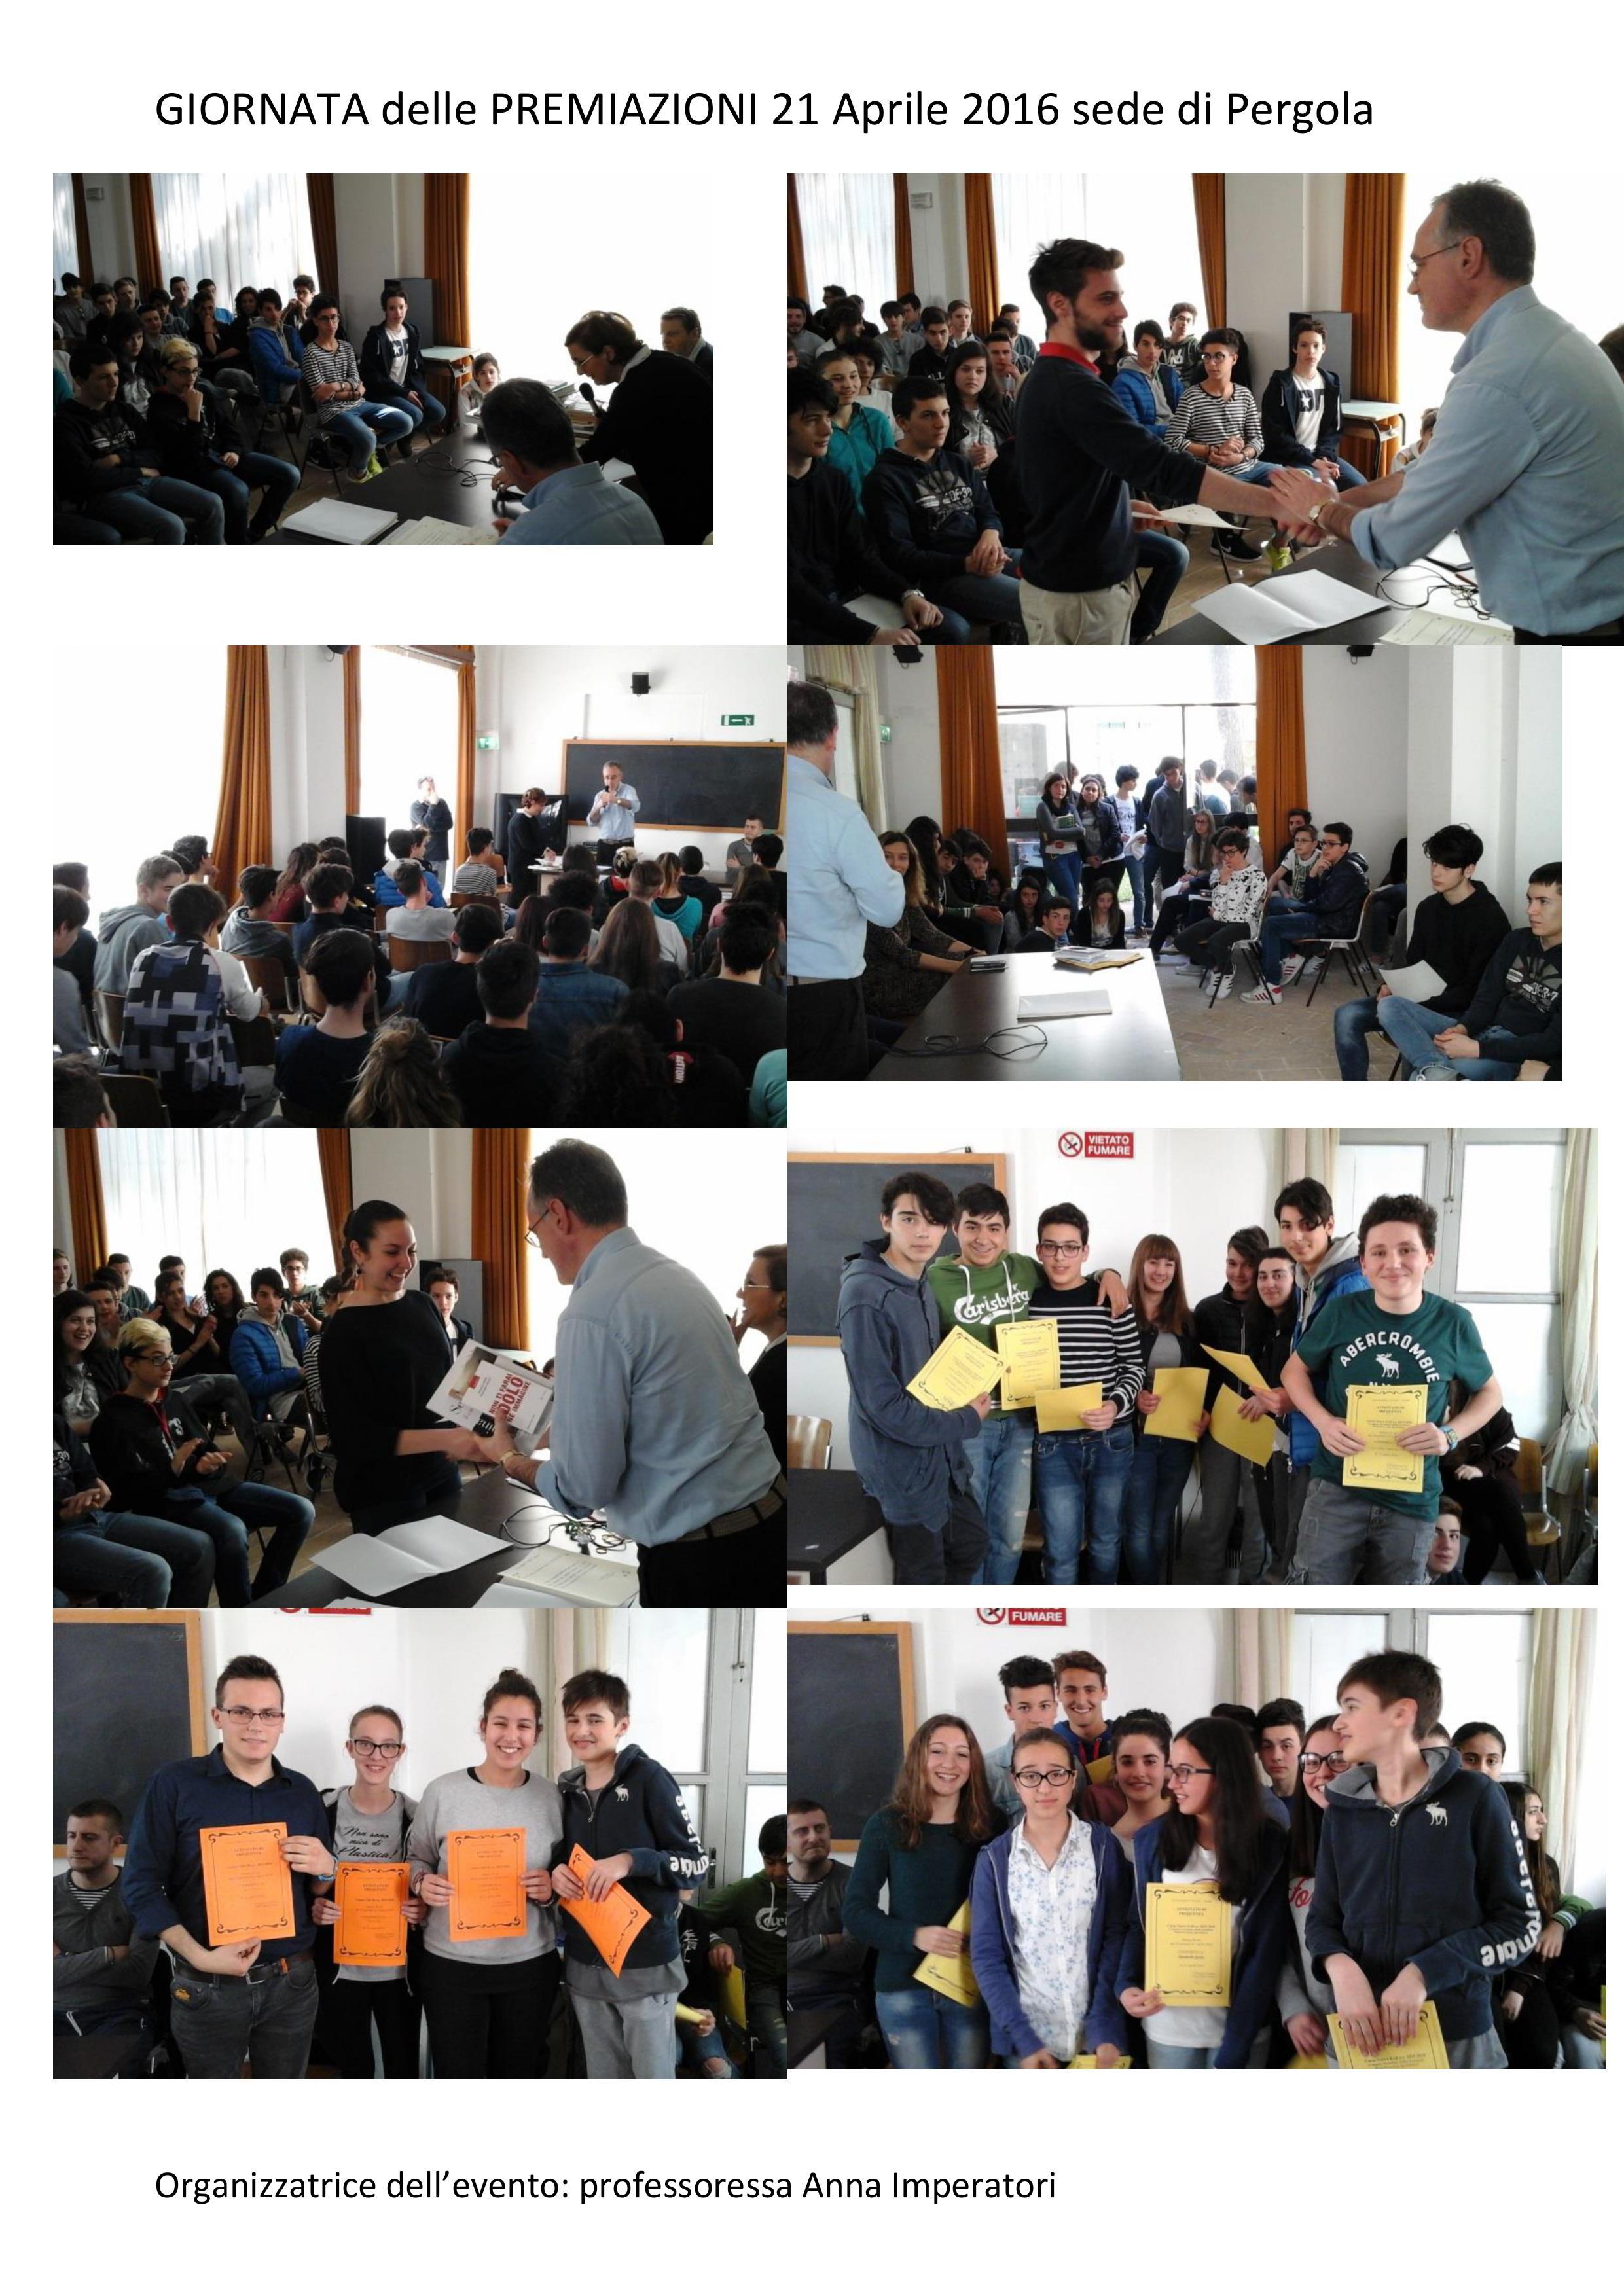 foto dei liceali con le medie piu alte e foto di gruppo dei corsi di informatica